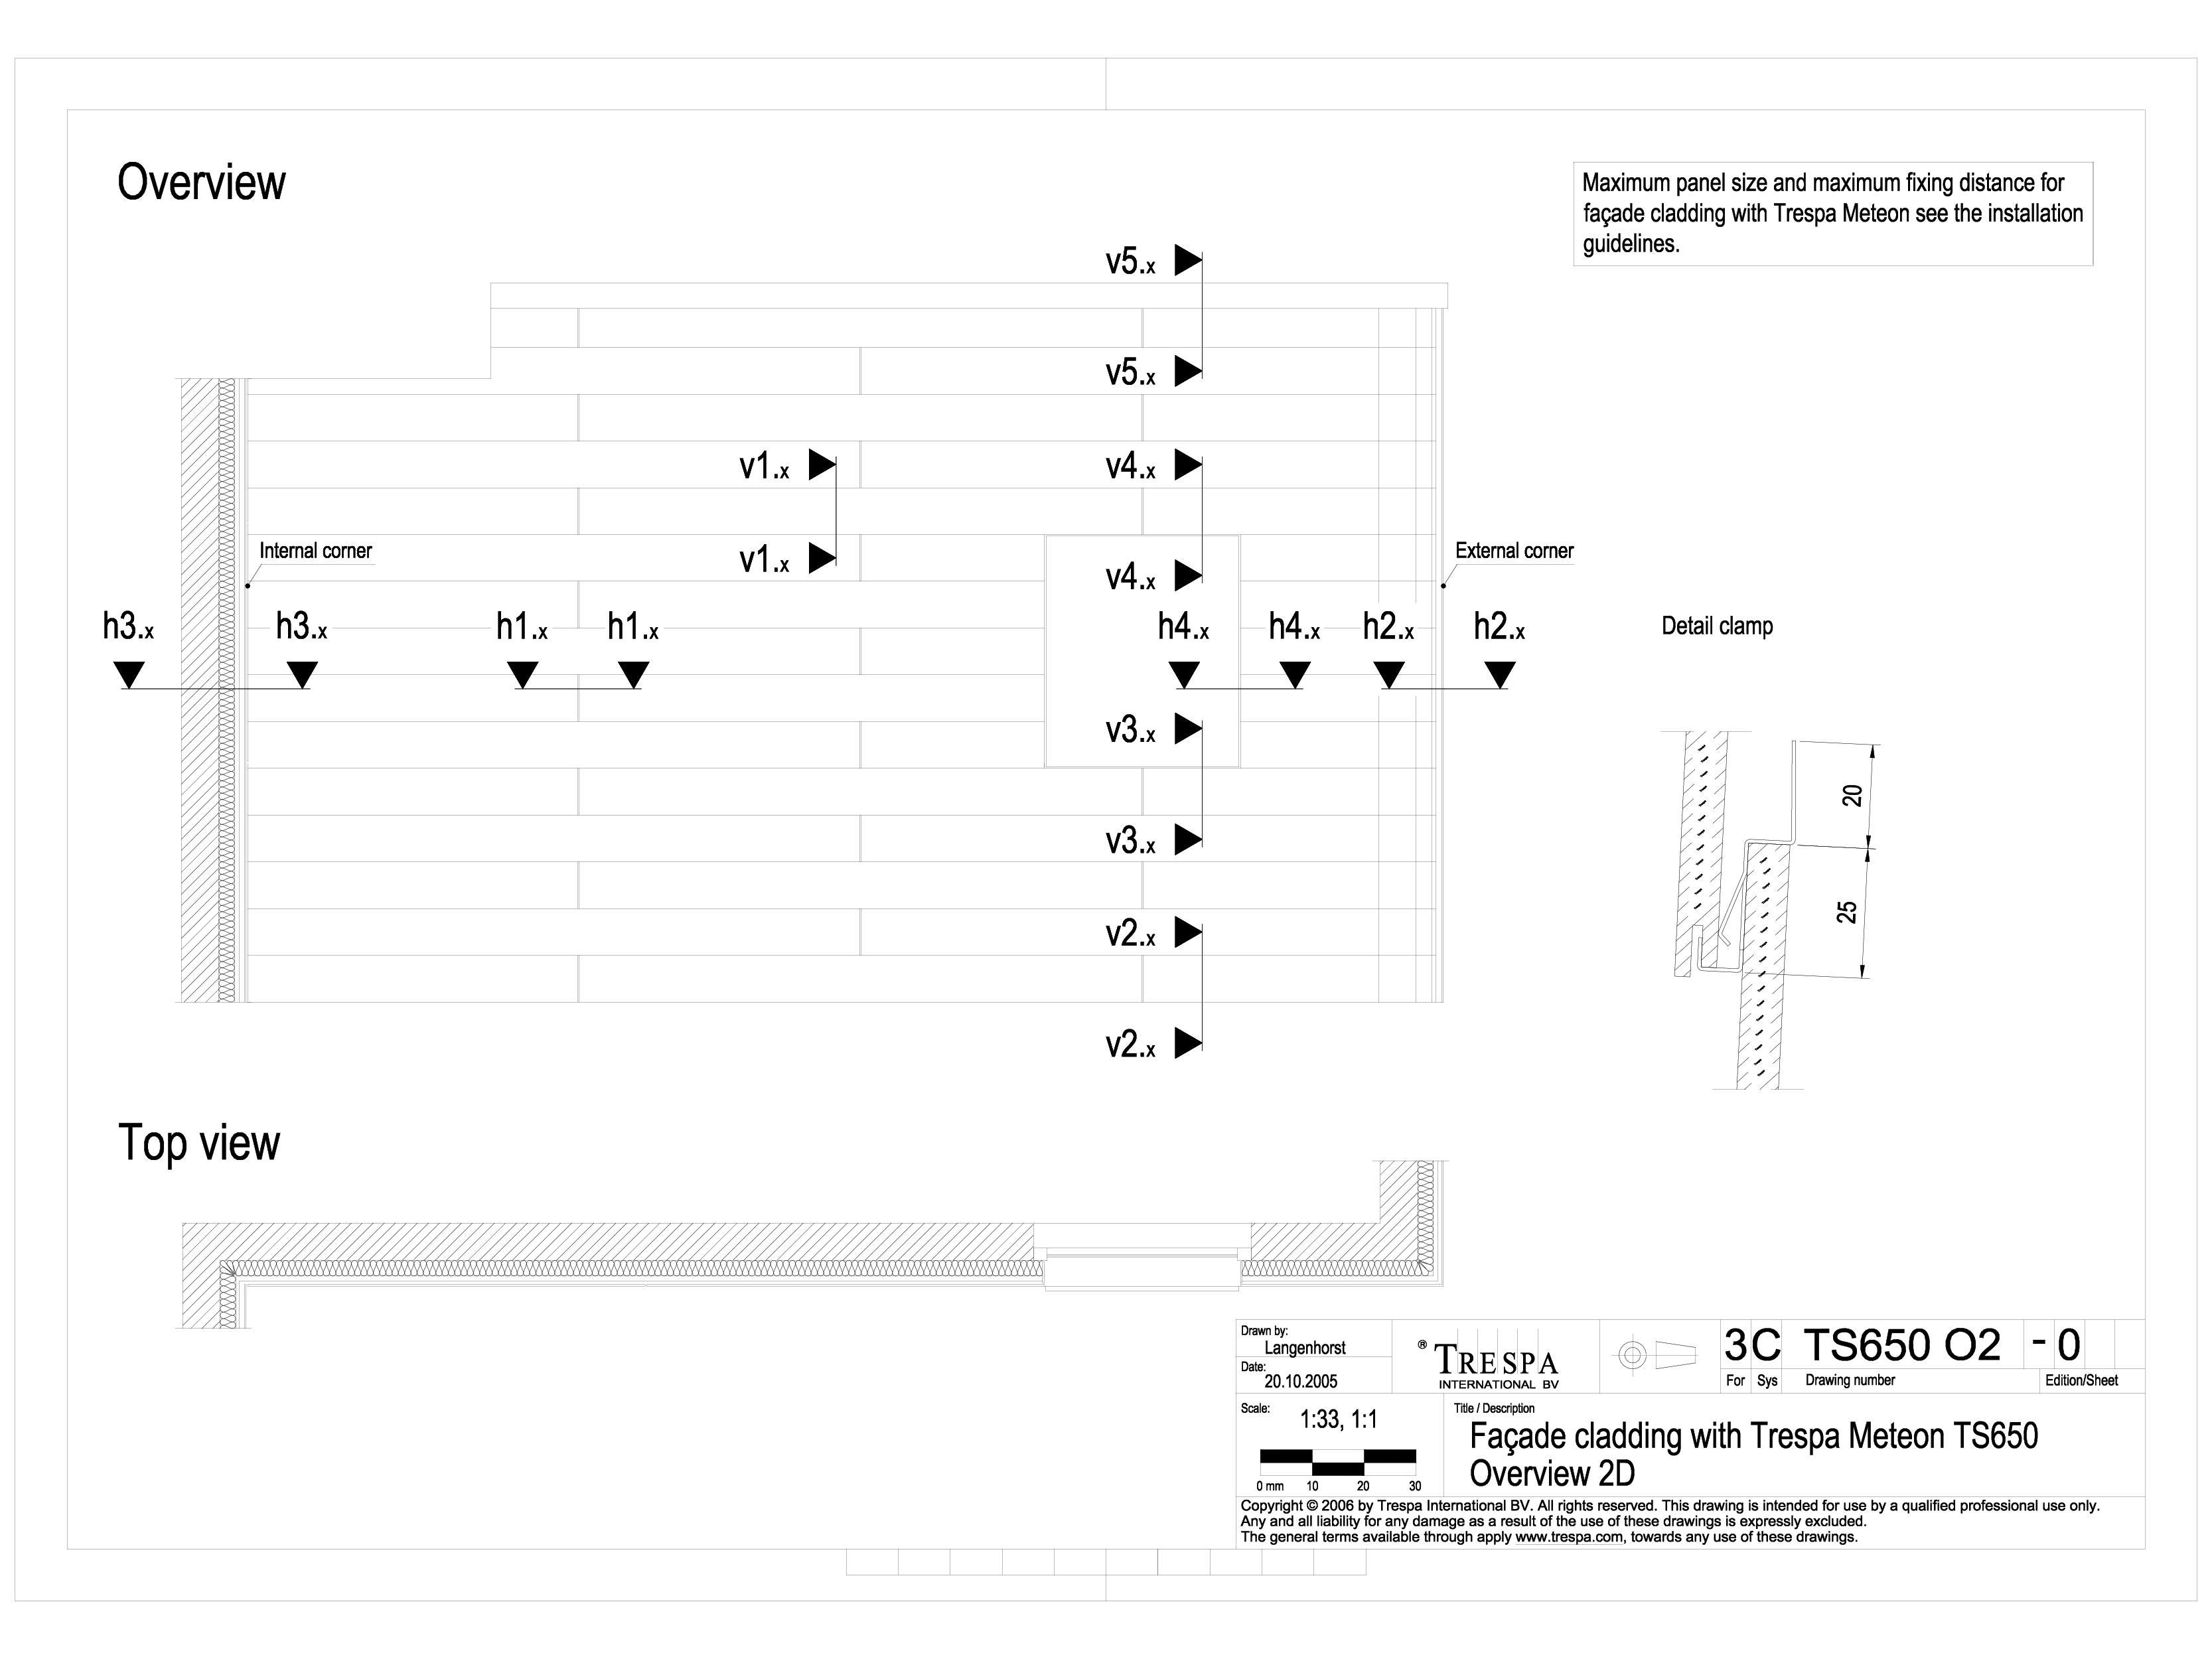 Sisteme de prindere fatade ventilate cu clame METEON TRESPA Placi HPL pentru fatade ventilate GIBB TECHNOLOGIES  - Pagina 1